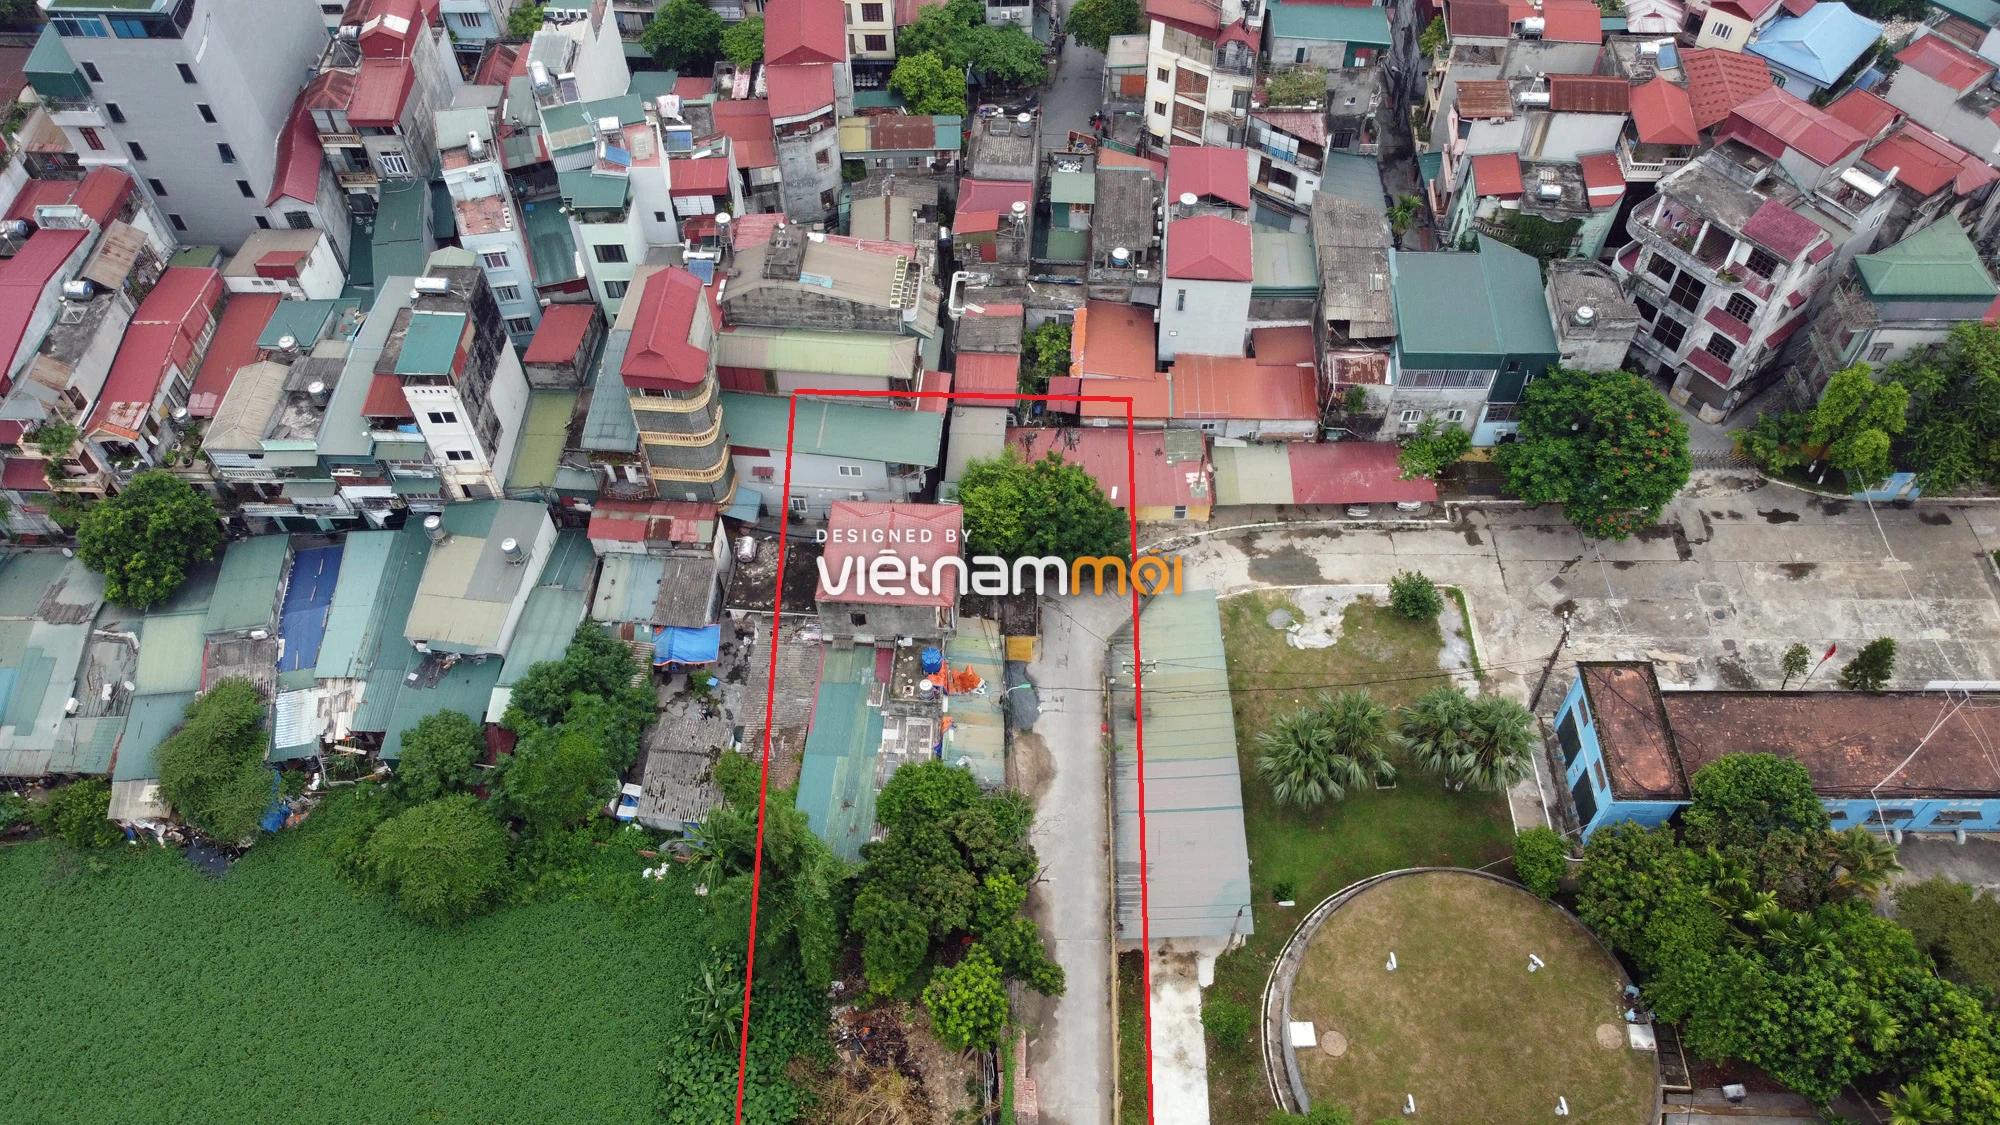 Những khu đất sắp thu hồi để mở đường ở quận Thanh Xuân, Hà Nội (phần 2) - Ảnh 7.